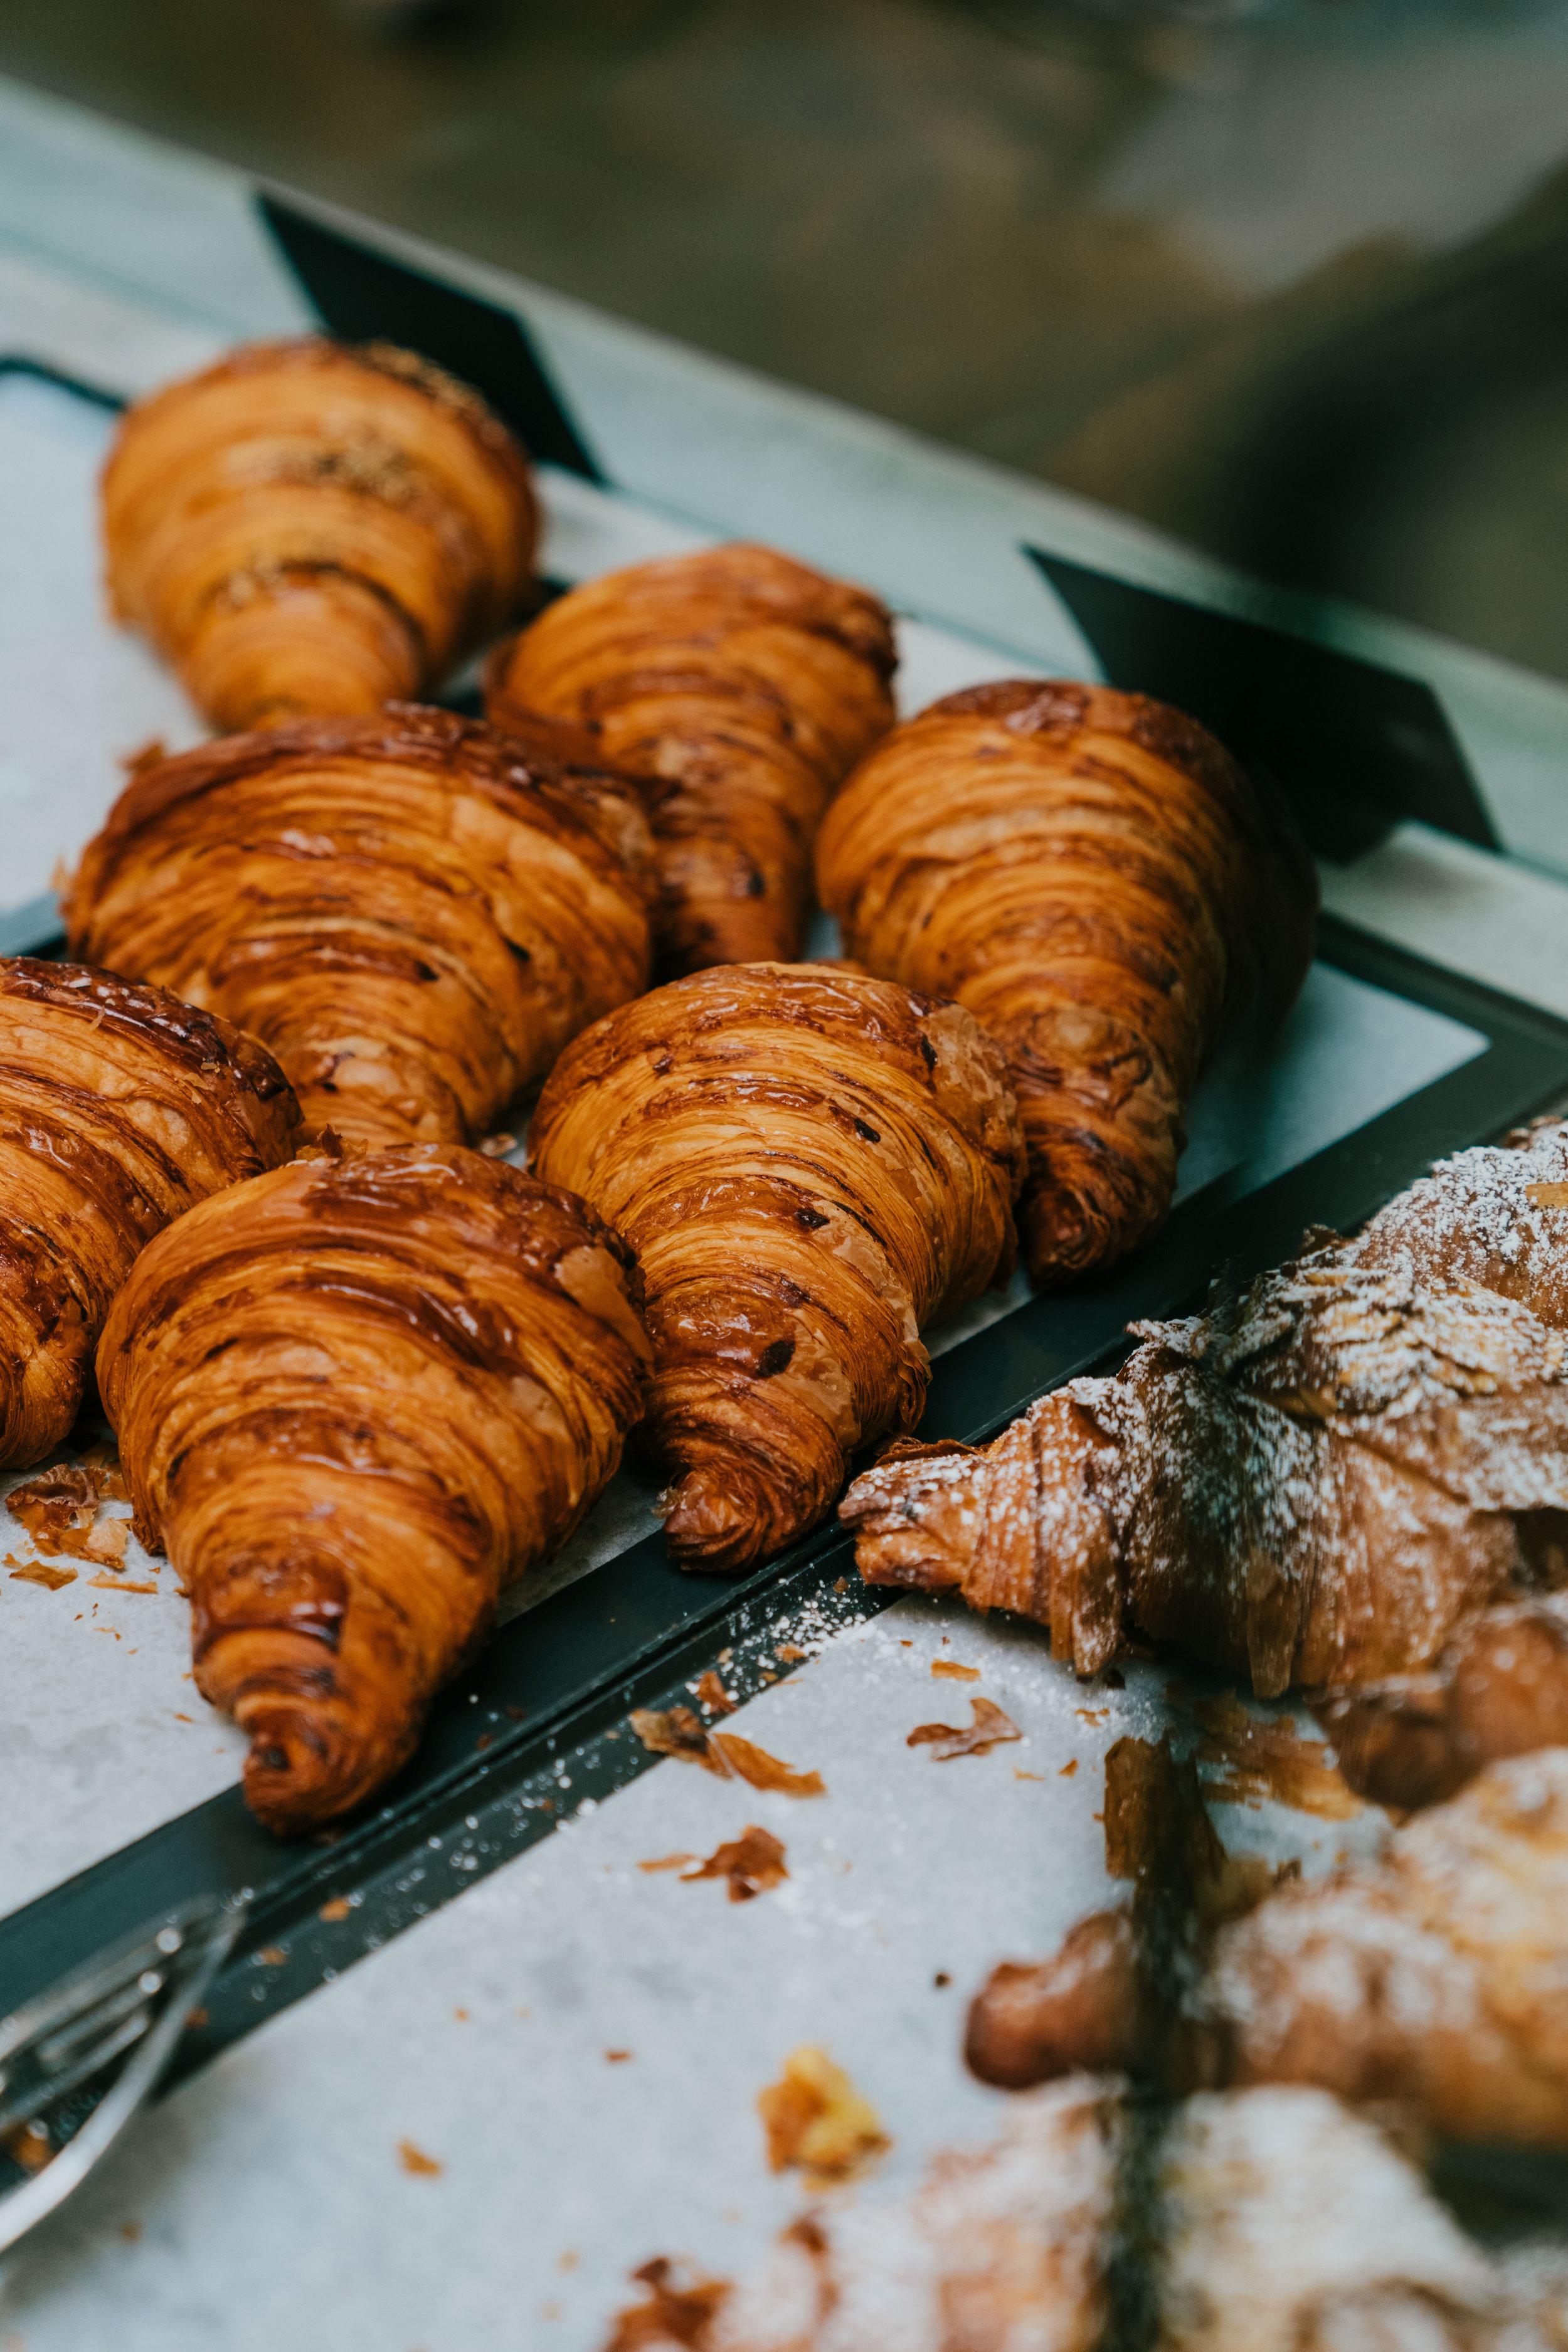 Original Croissant